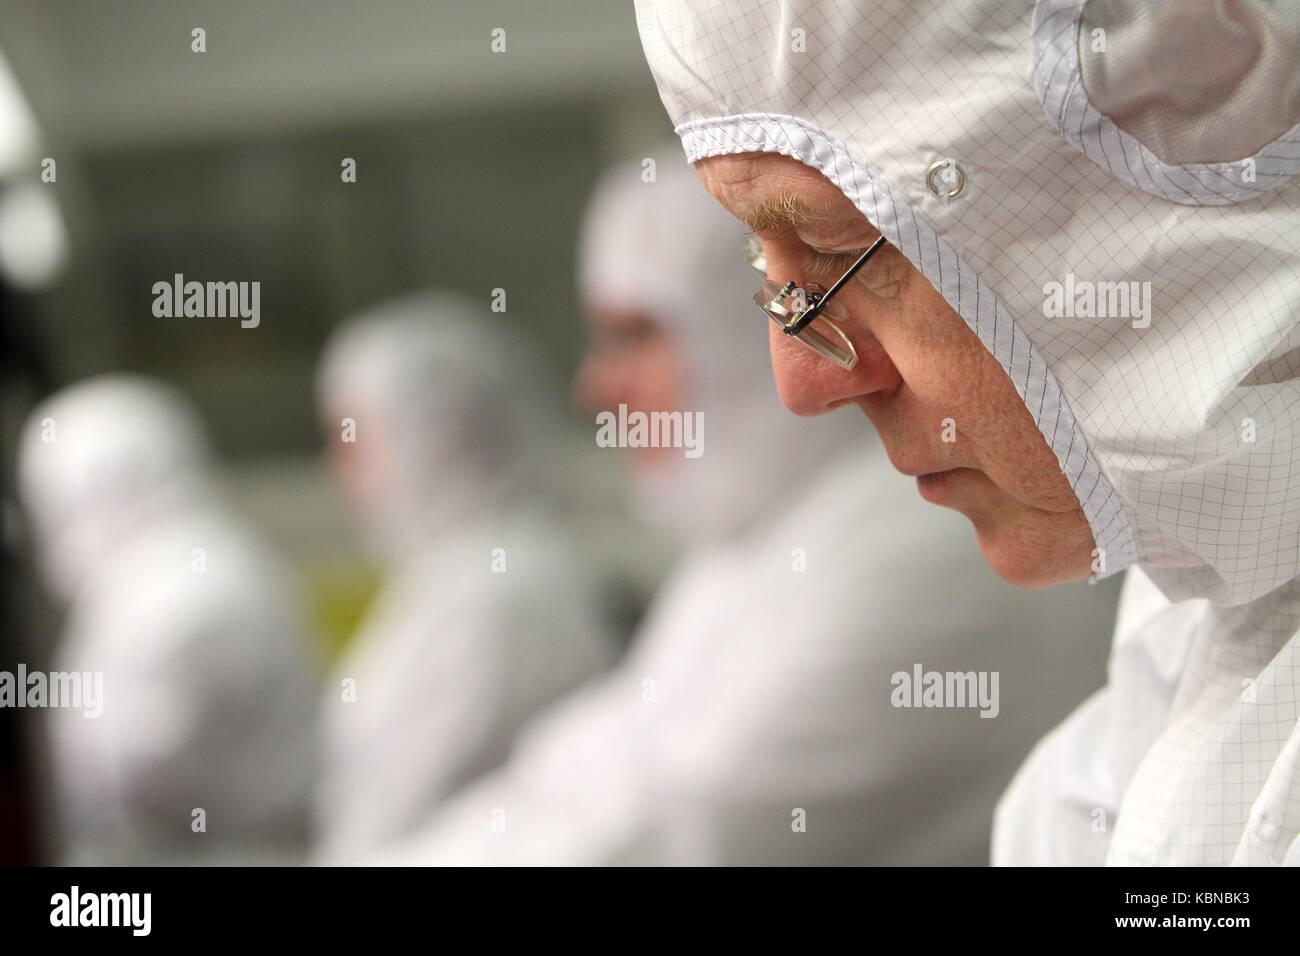 Los científicos que trabajan en ambiente de sala limpia Imagen De Stock